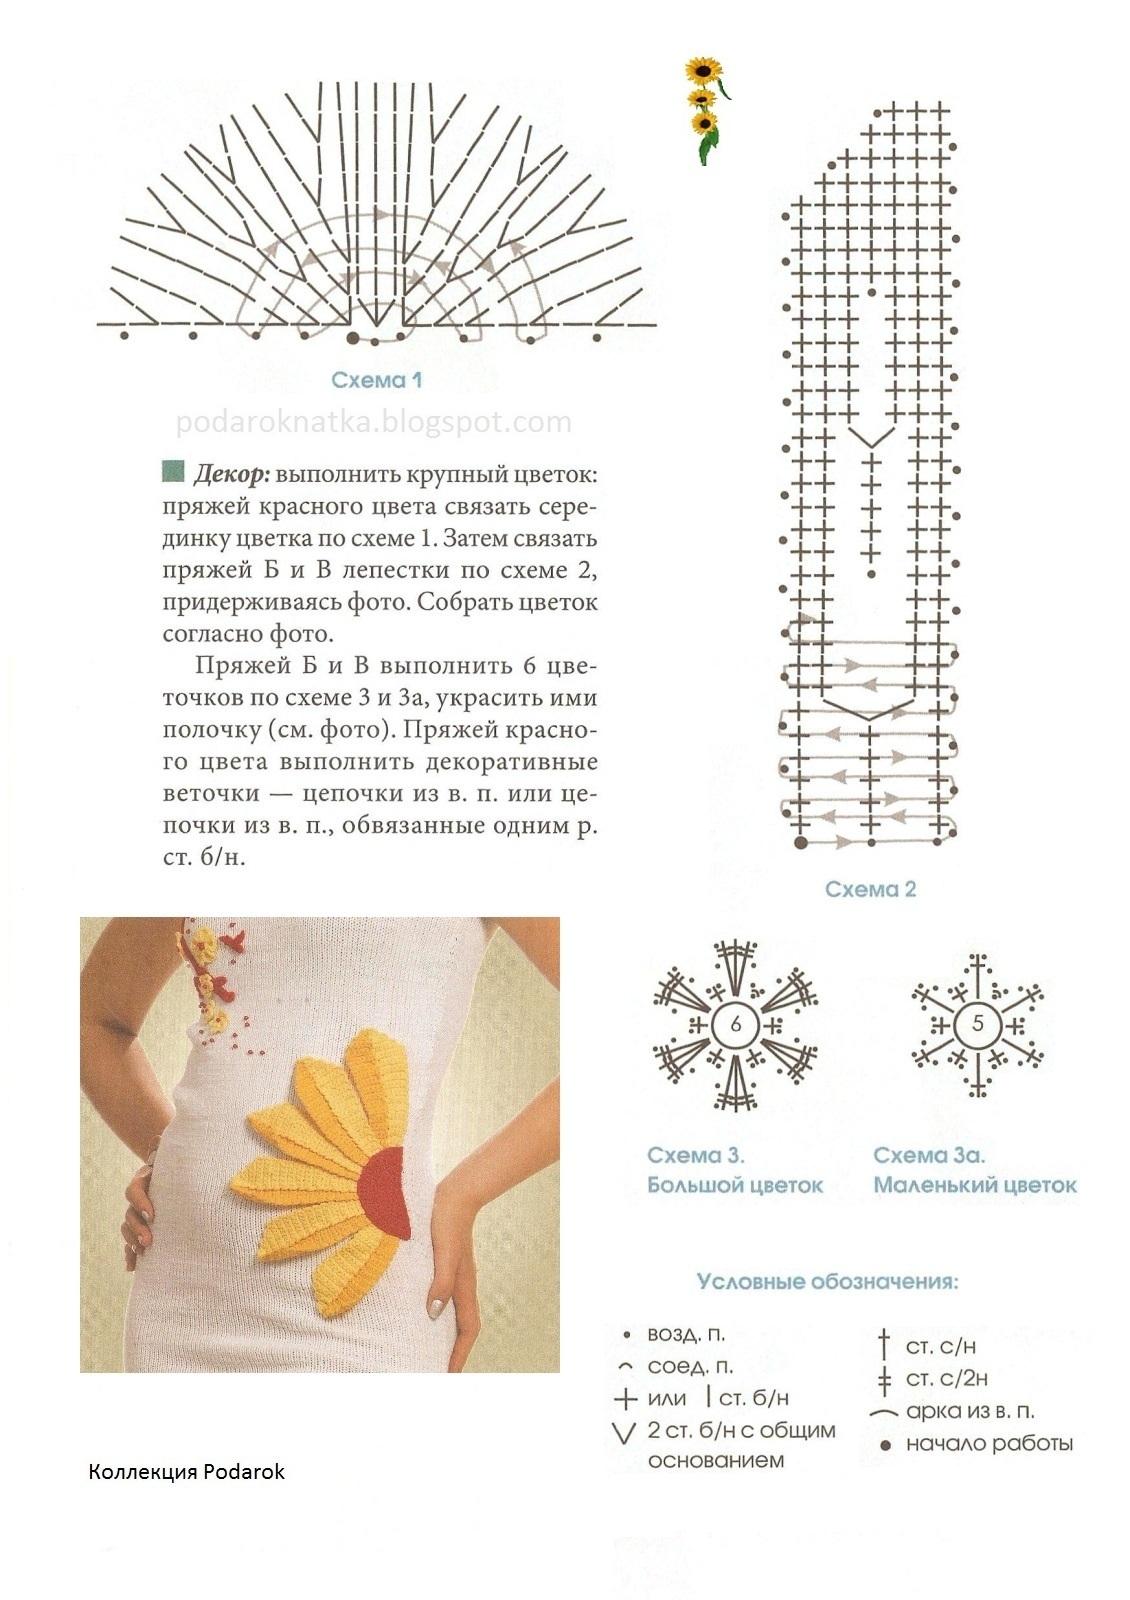 Как связать подсолнух подставка крючком схема